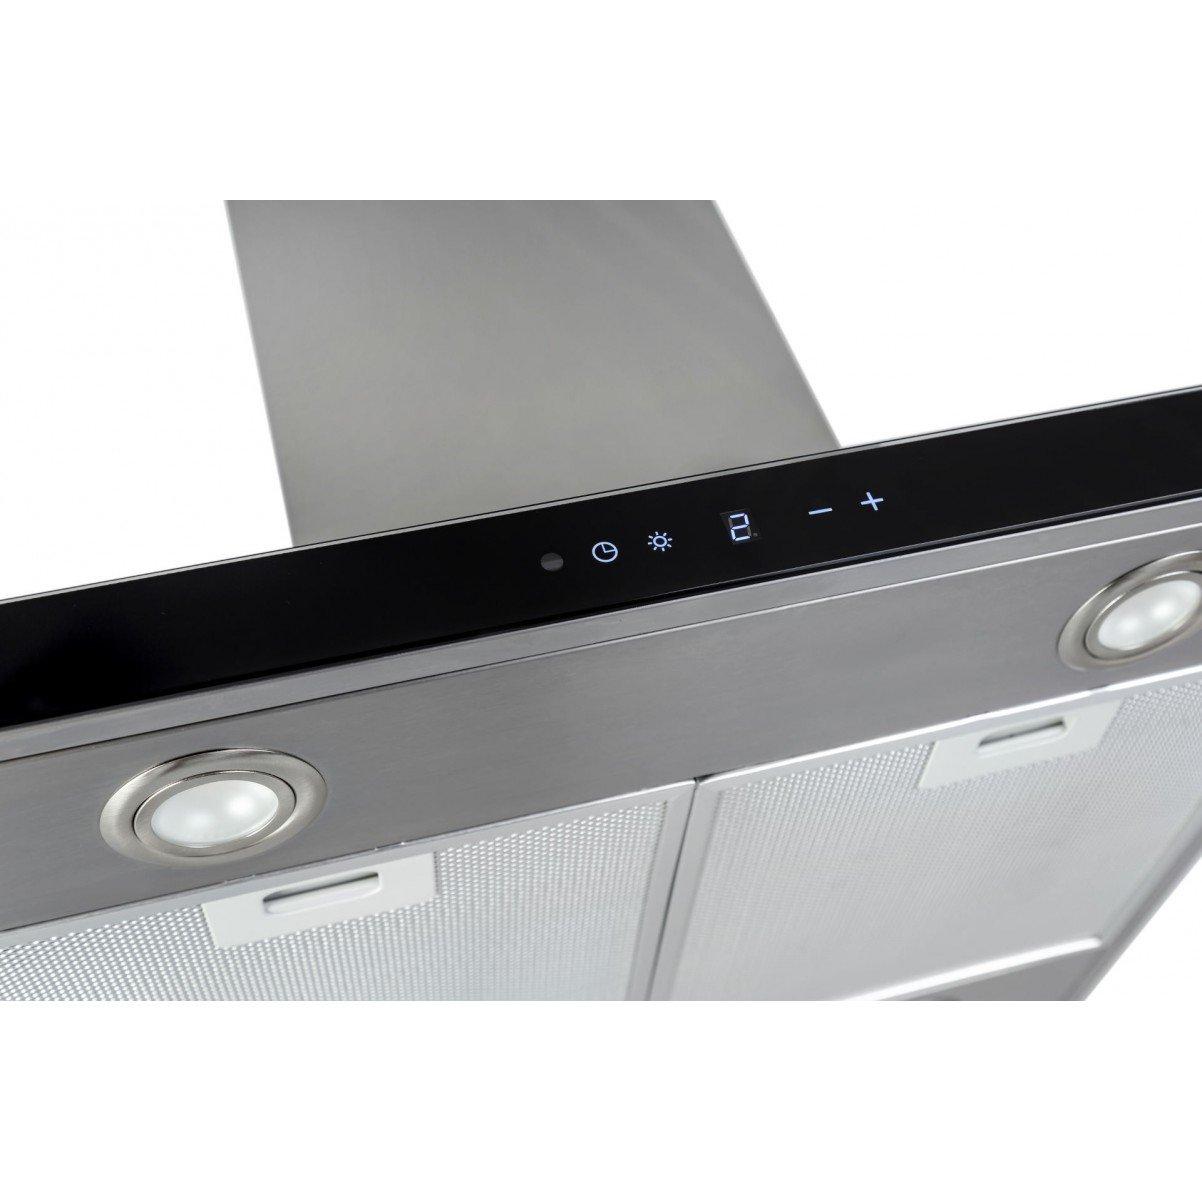 Lyx vägghängd köksfläkt PACIFIC 60cm / 90 cm rostfritt stål+ vit/ svart glas